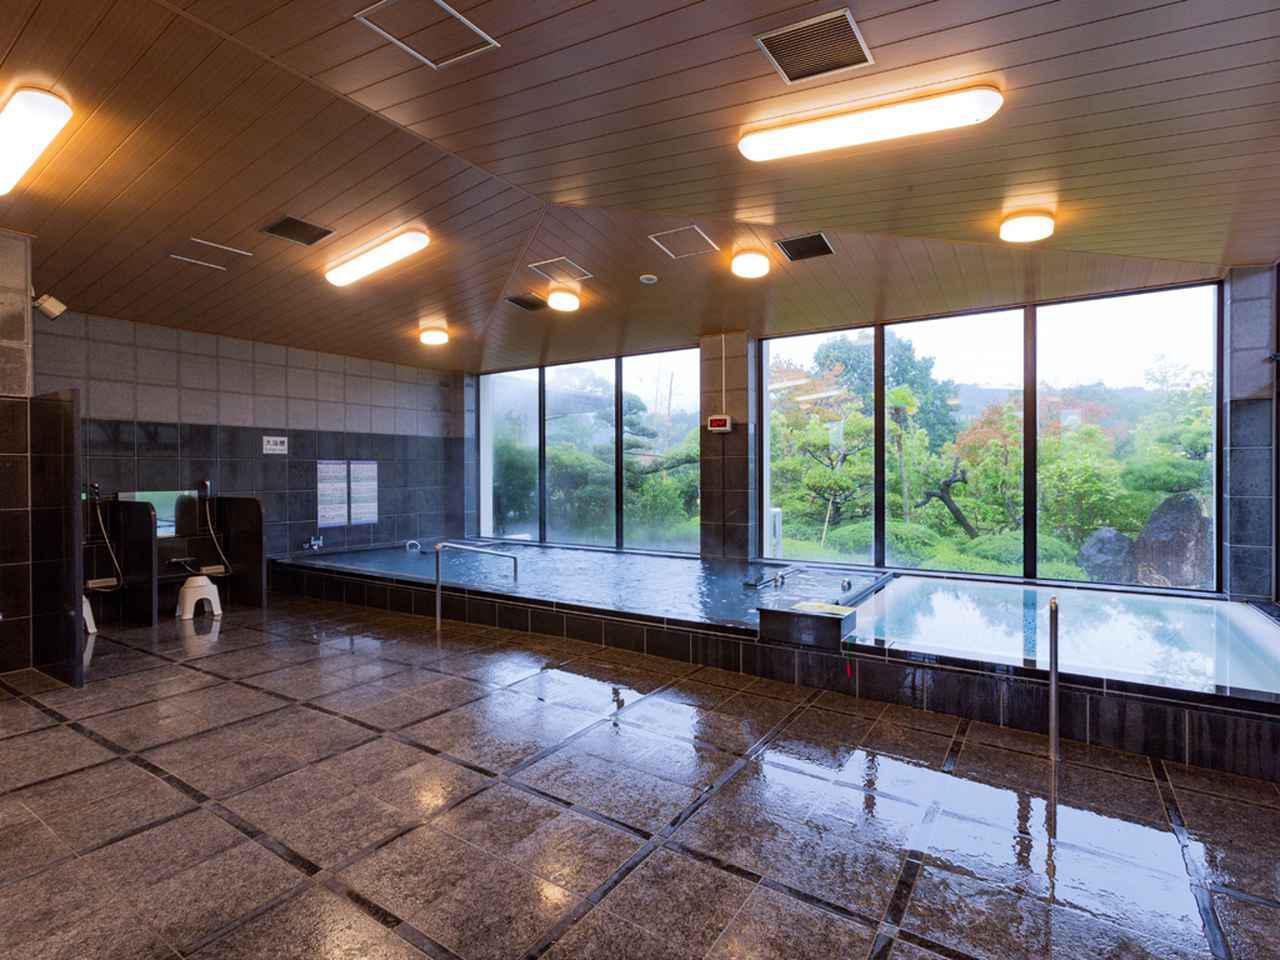 画像: 【クラブハウス探訪】「武雄・嬉野カントリークラブ」明るくきれいに、特徴を生かし効率的なハウスにリニューアル